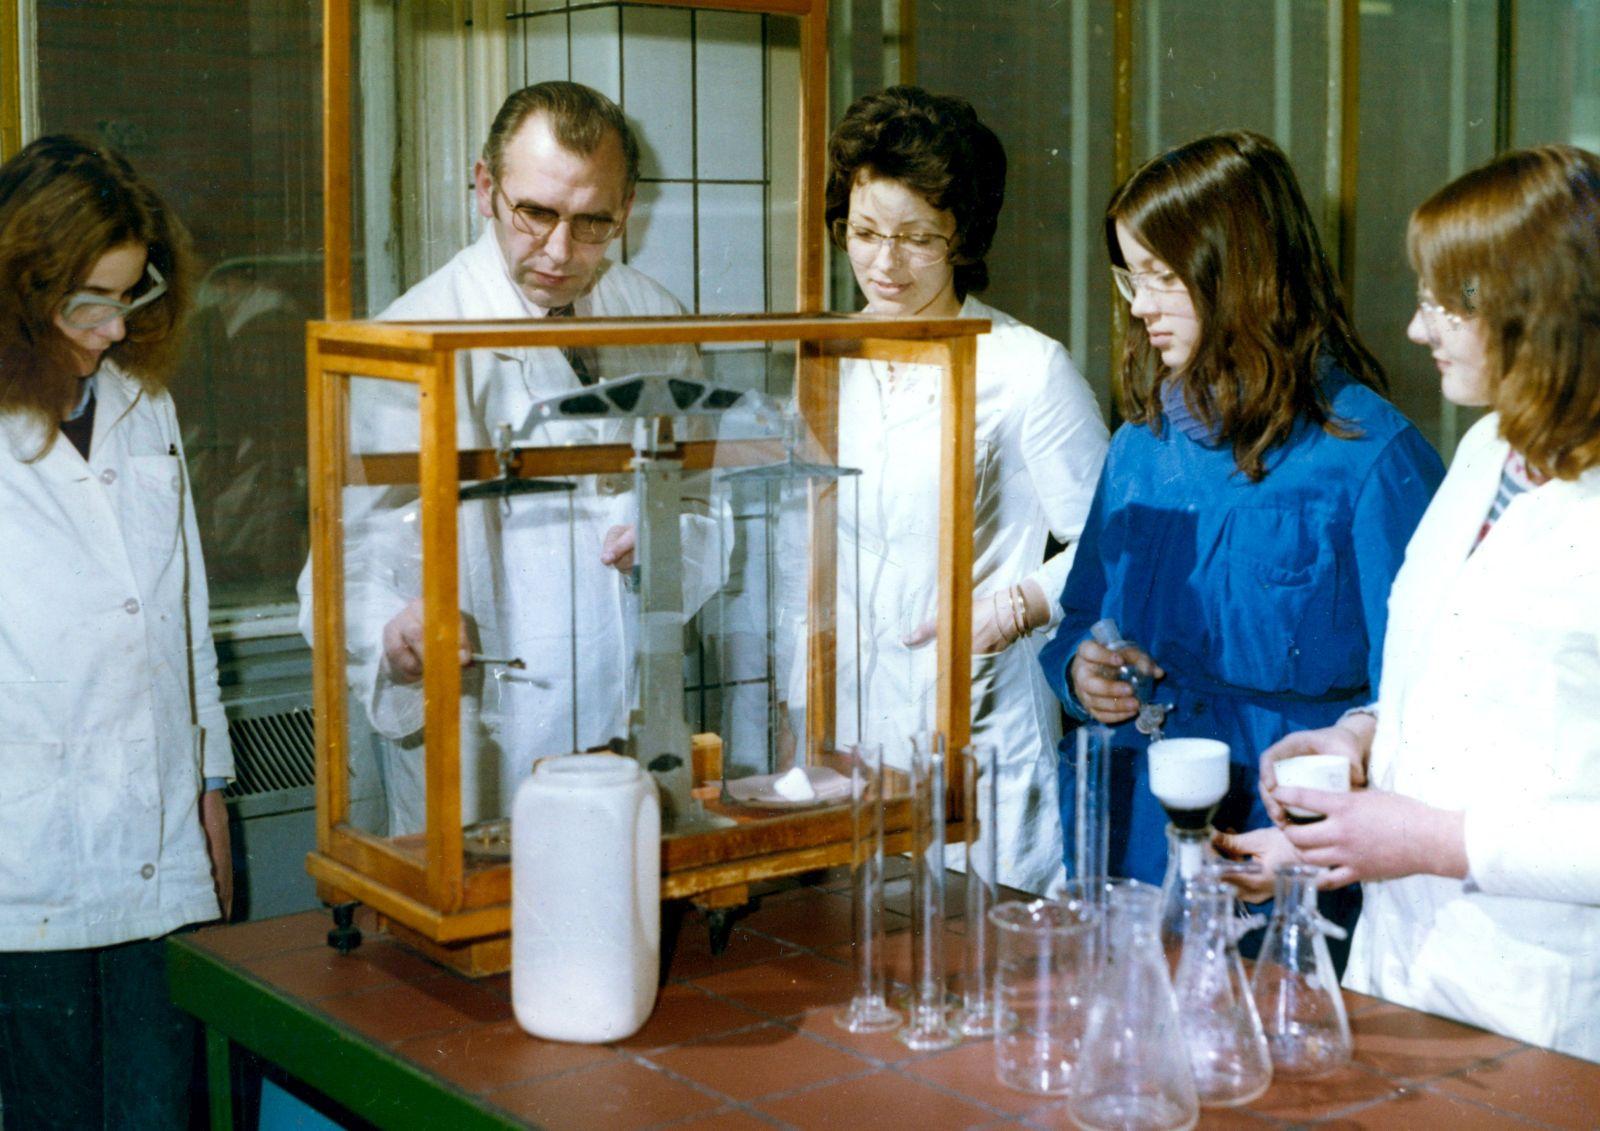 In immer mehr Berufen konnte auf die weibliche Arbeitskraft ab den 1960er Jahren nicht mehr verzichtet werden. Das Foto zeigt die Ausbildung von Laborjungwerkerinnen in Marl.